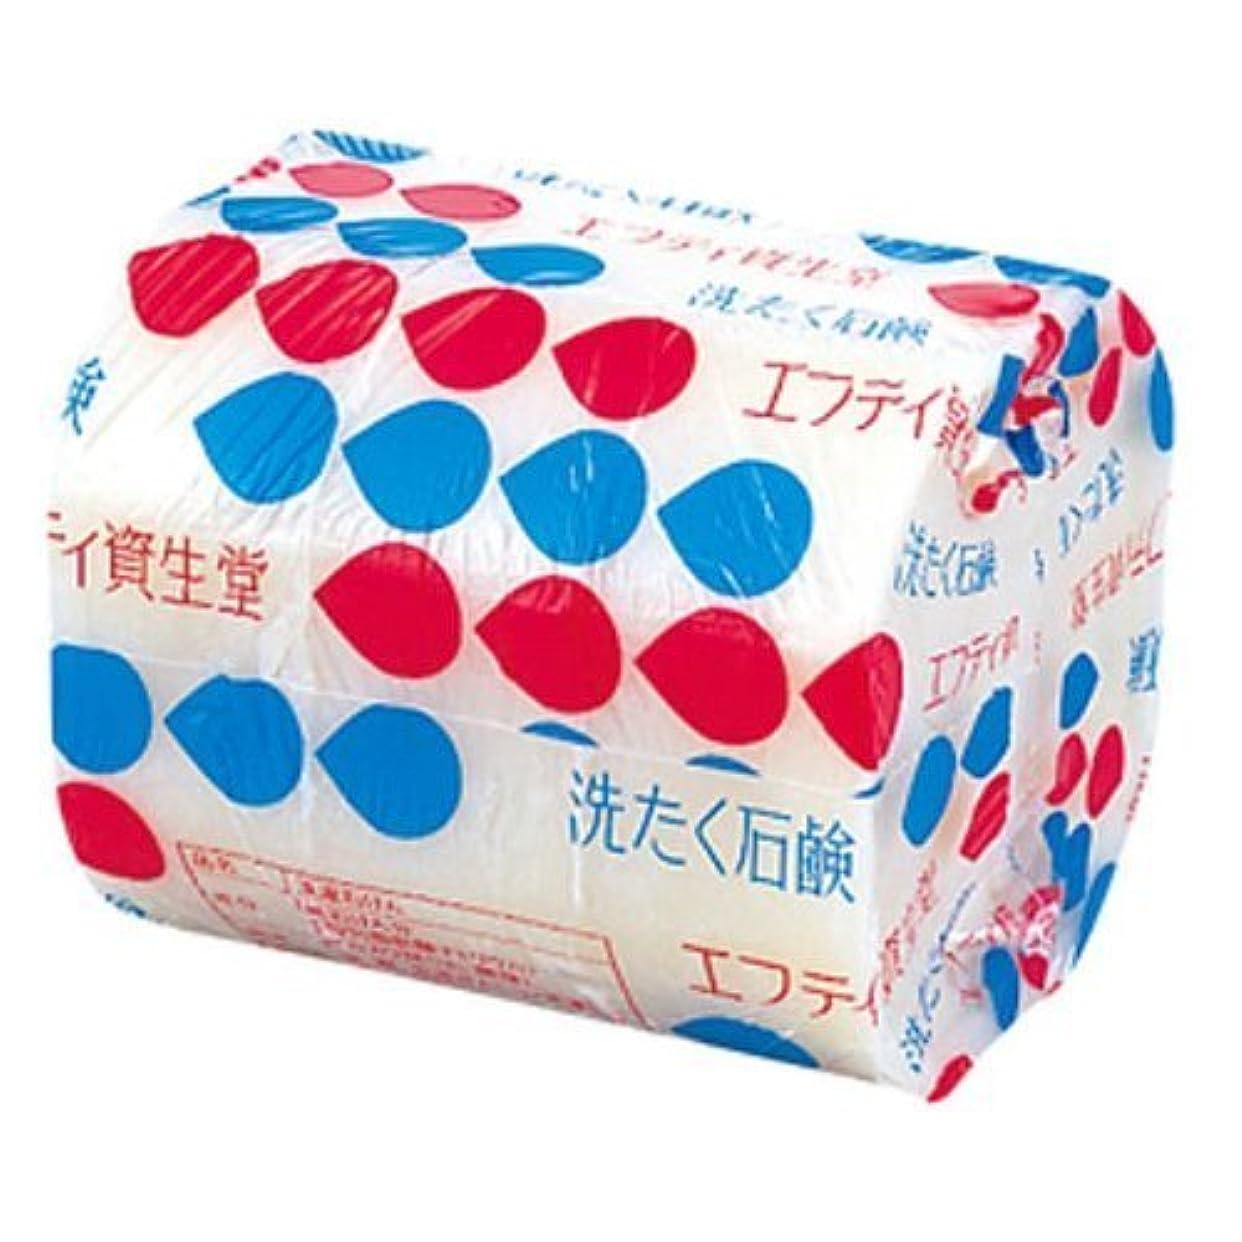 女優推進、動かすシステム【資生堂】エフティ資生堂洗たく石鹸花椿型3コパック200g